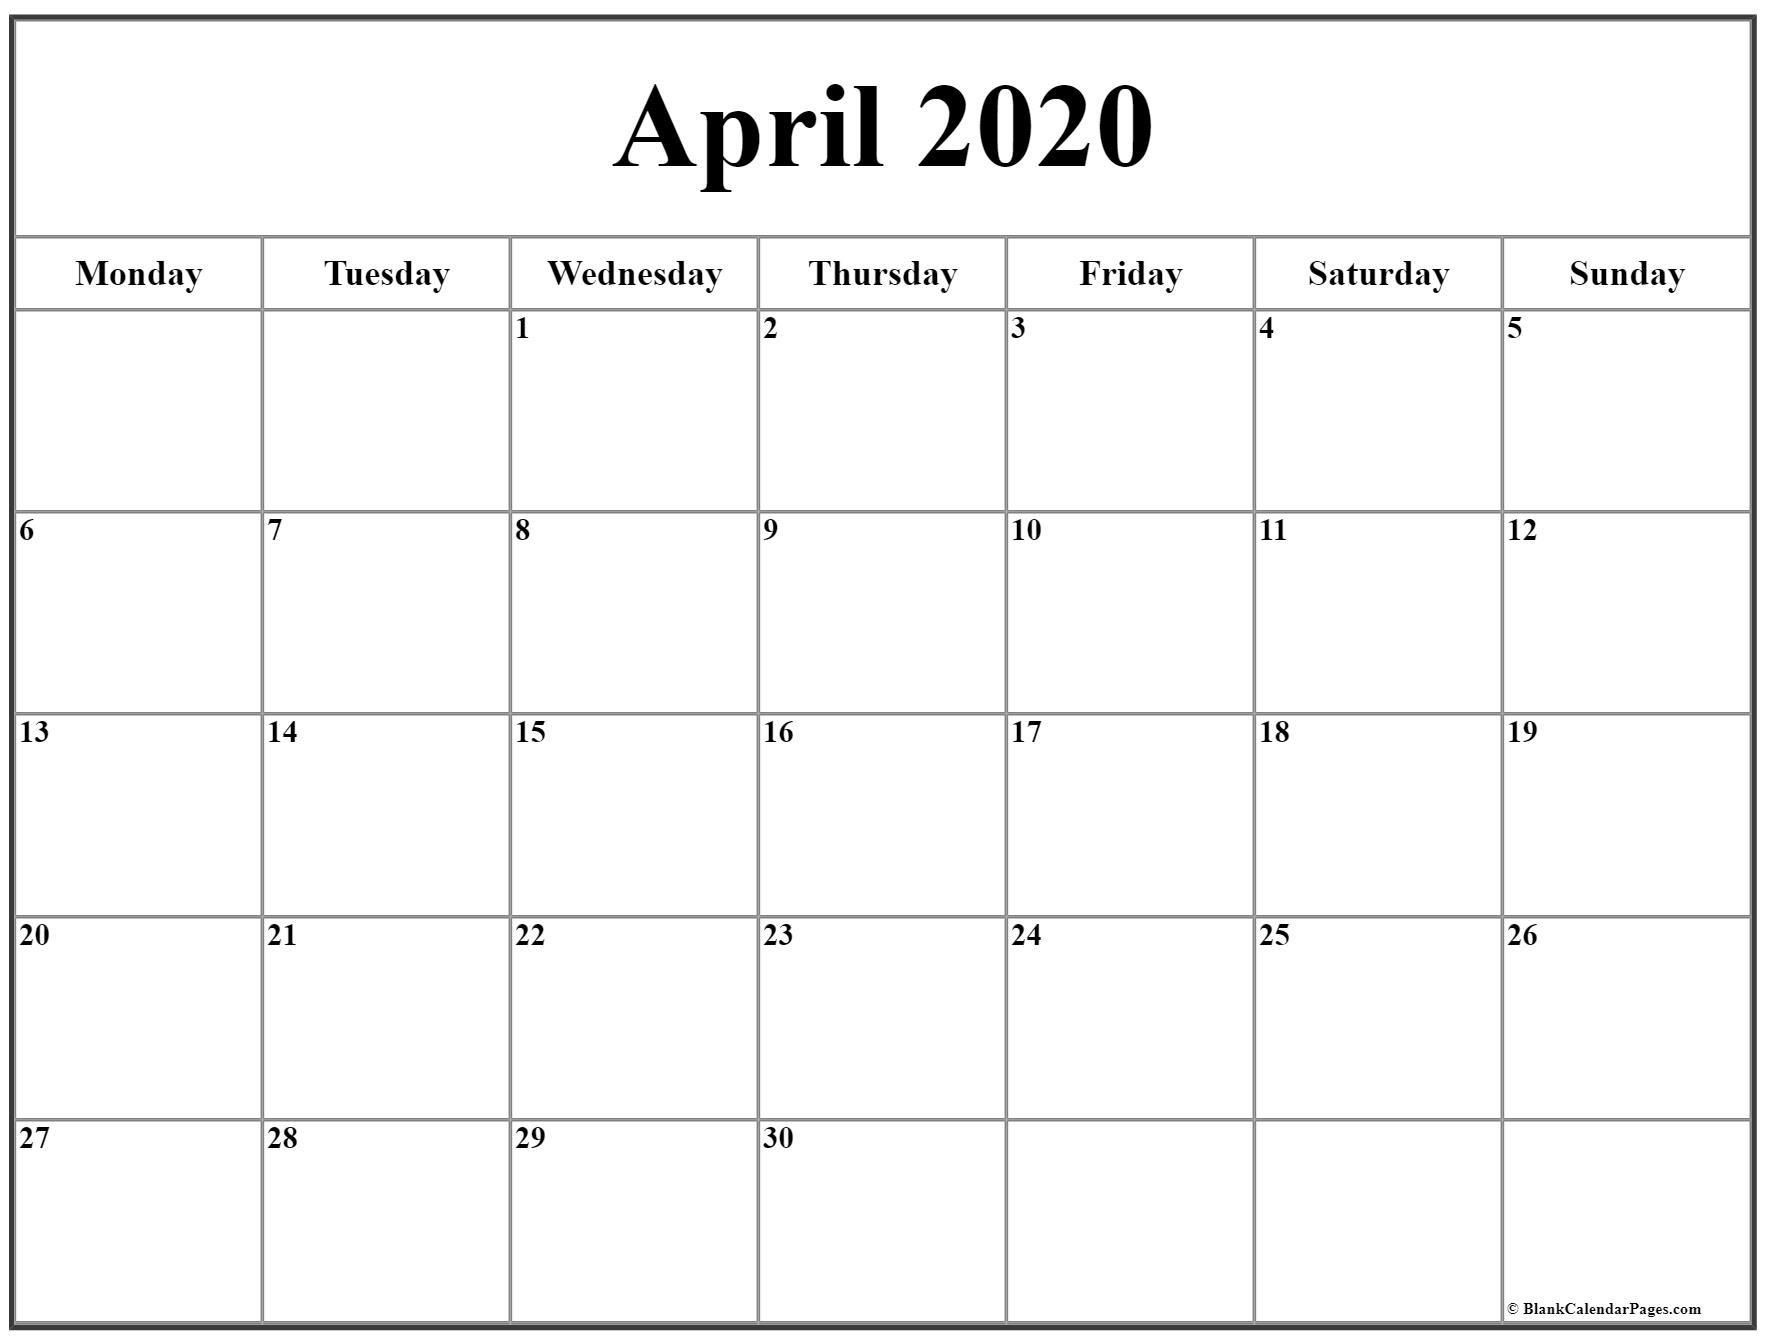 April 2020 Monday Calendar | Monday To Sunday